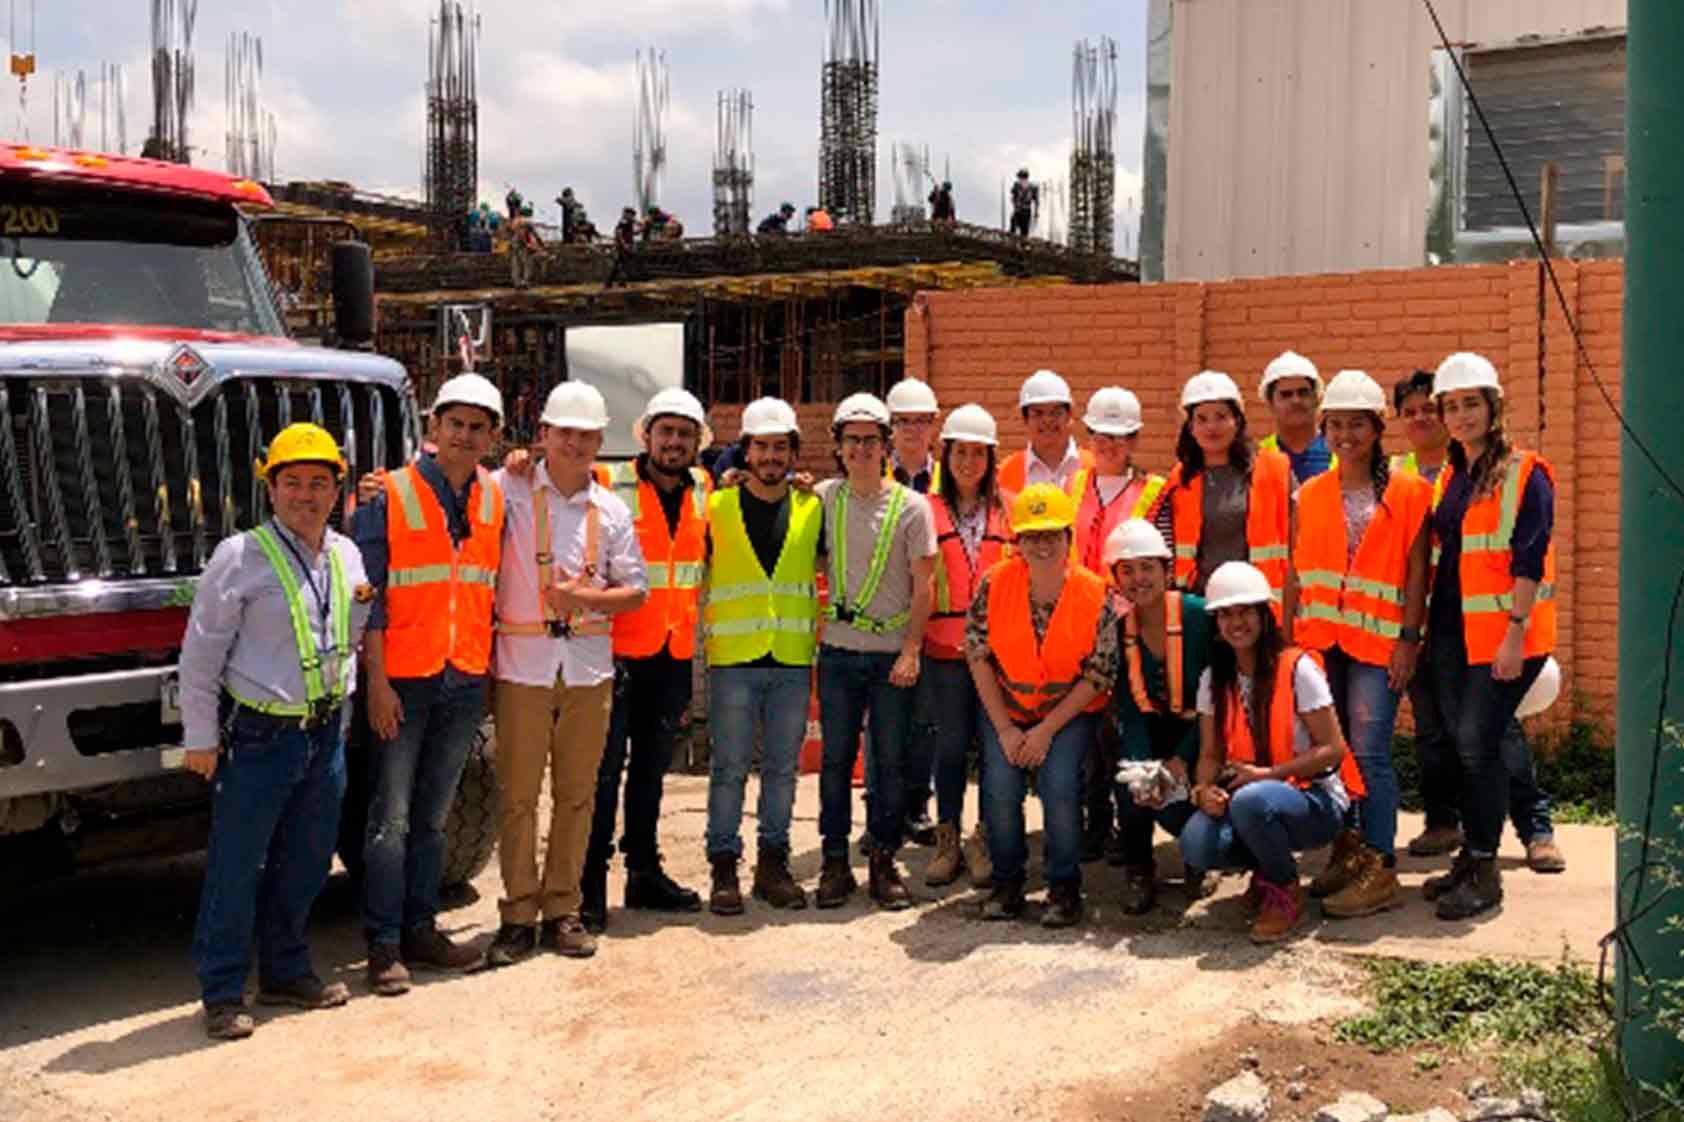 Estudiantes de ingeniería civil de UVG visitaron el CIT